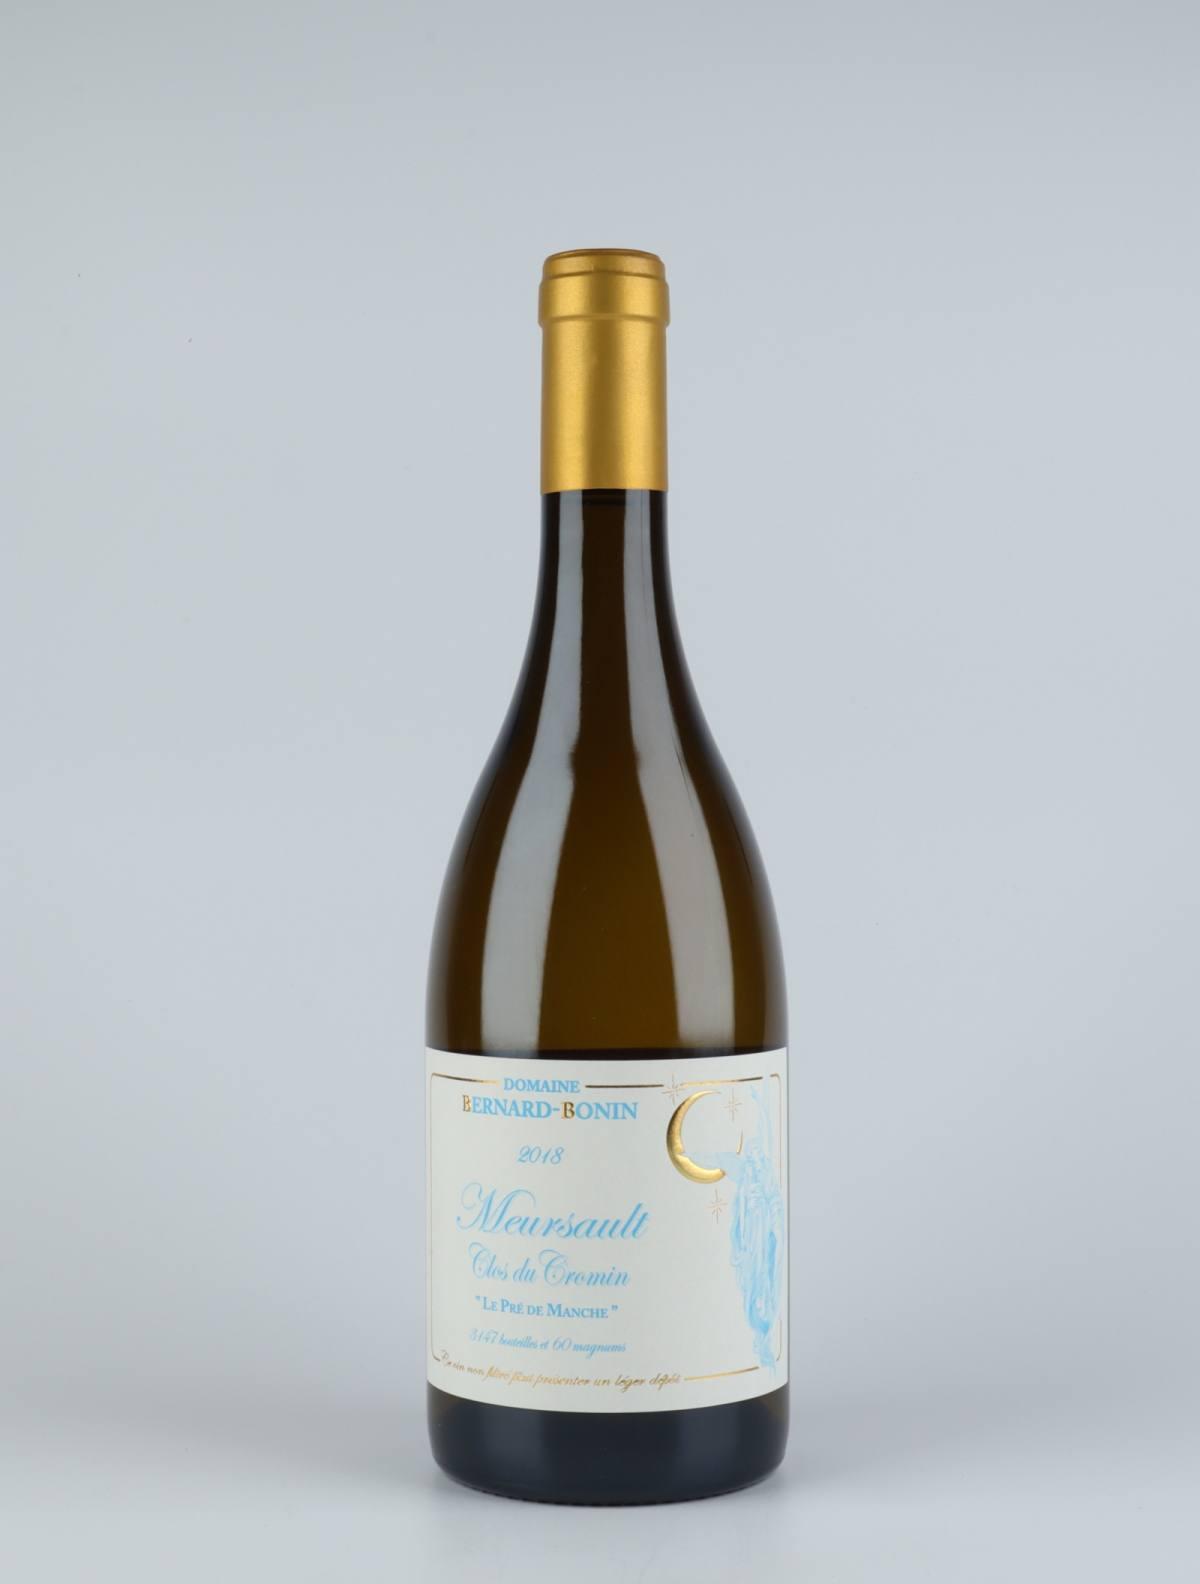 Meursault - Clos du Cromin